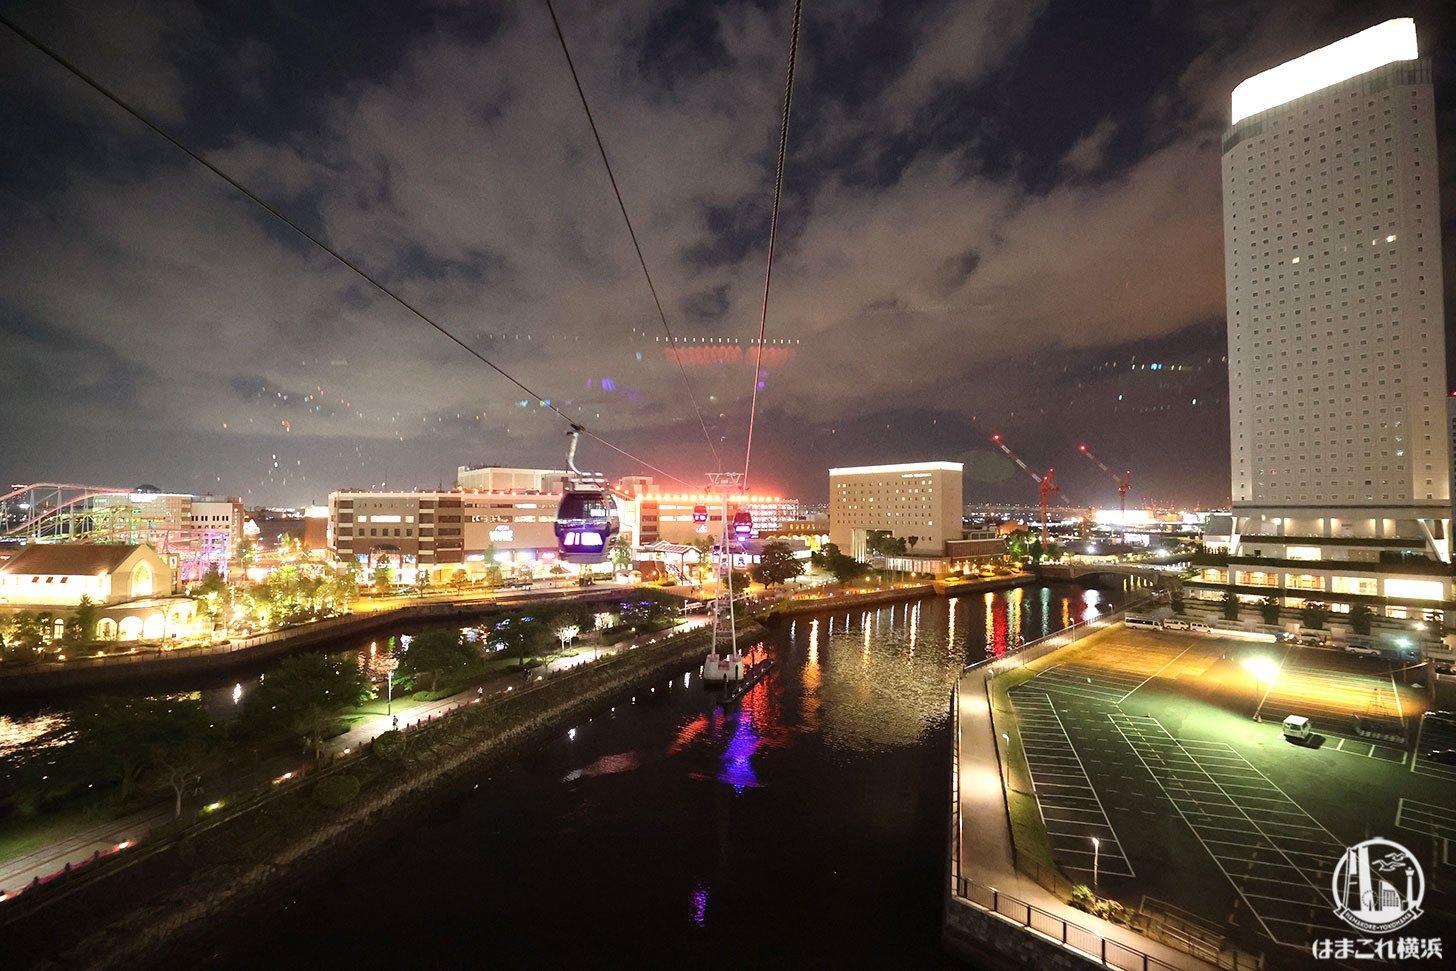 ゴンドラから見た夜景 横浜ワールドポーターズ・横浜赤レンガ倉庫